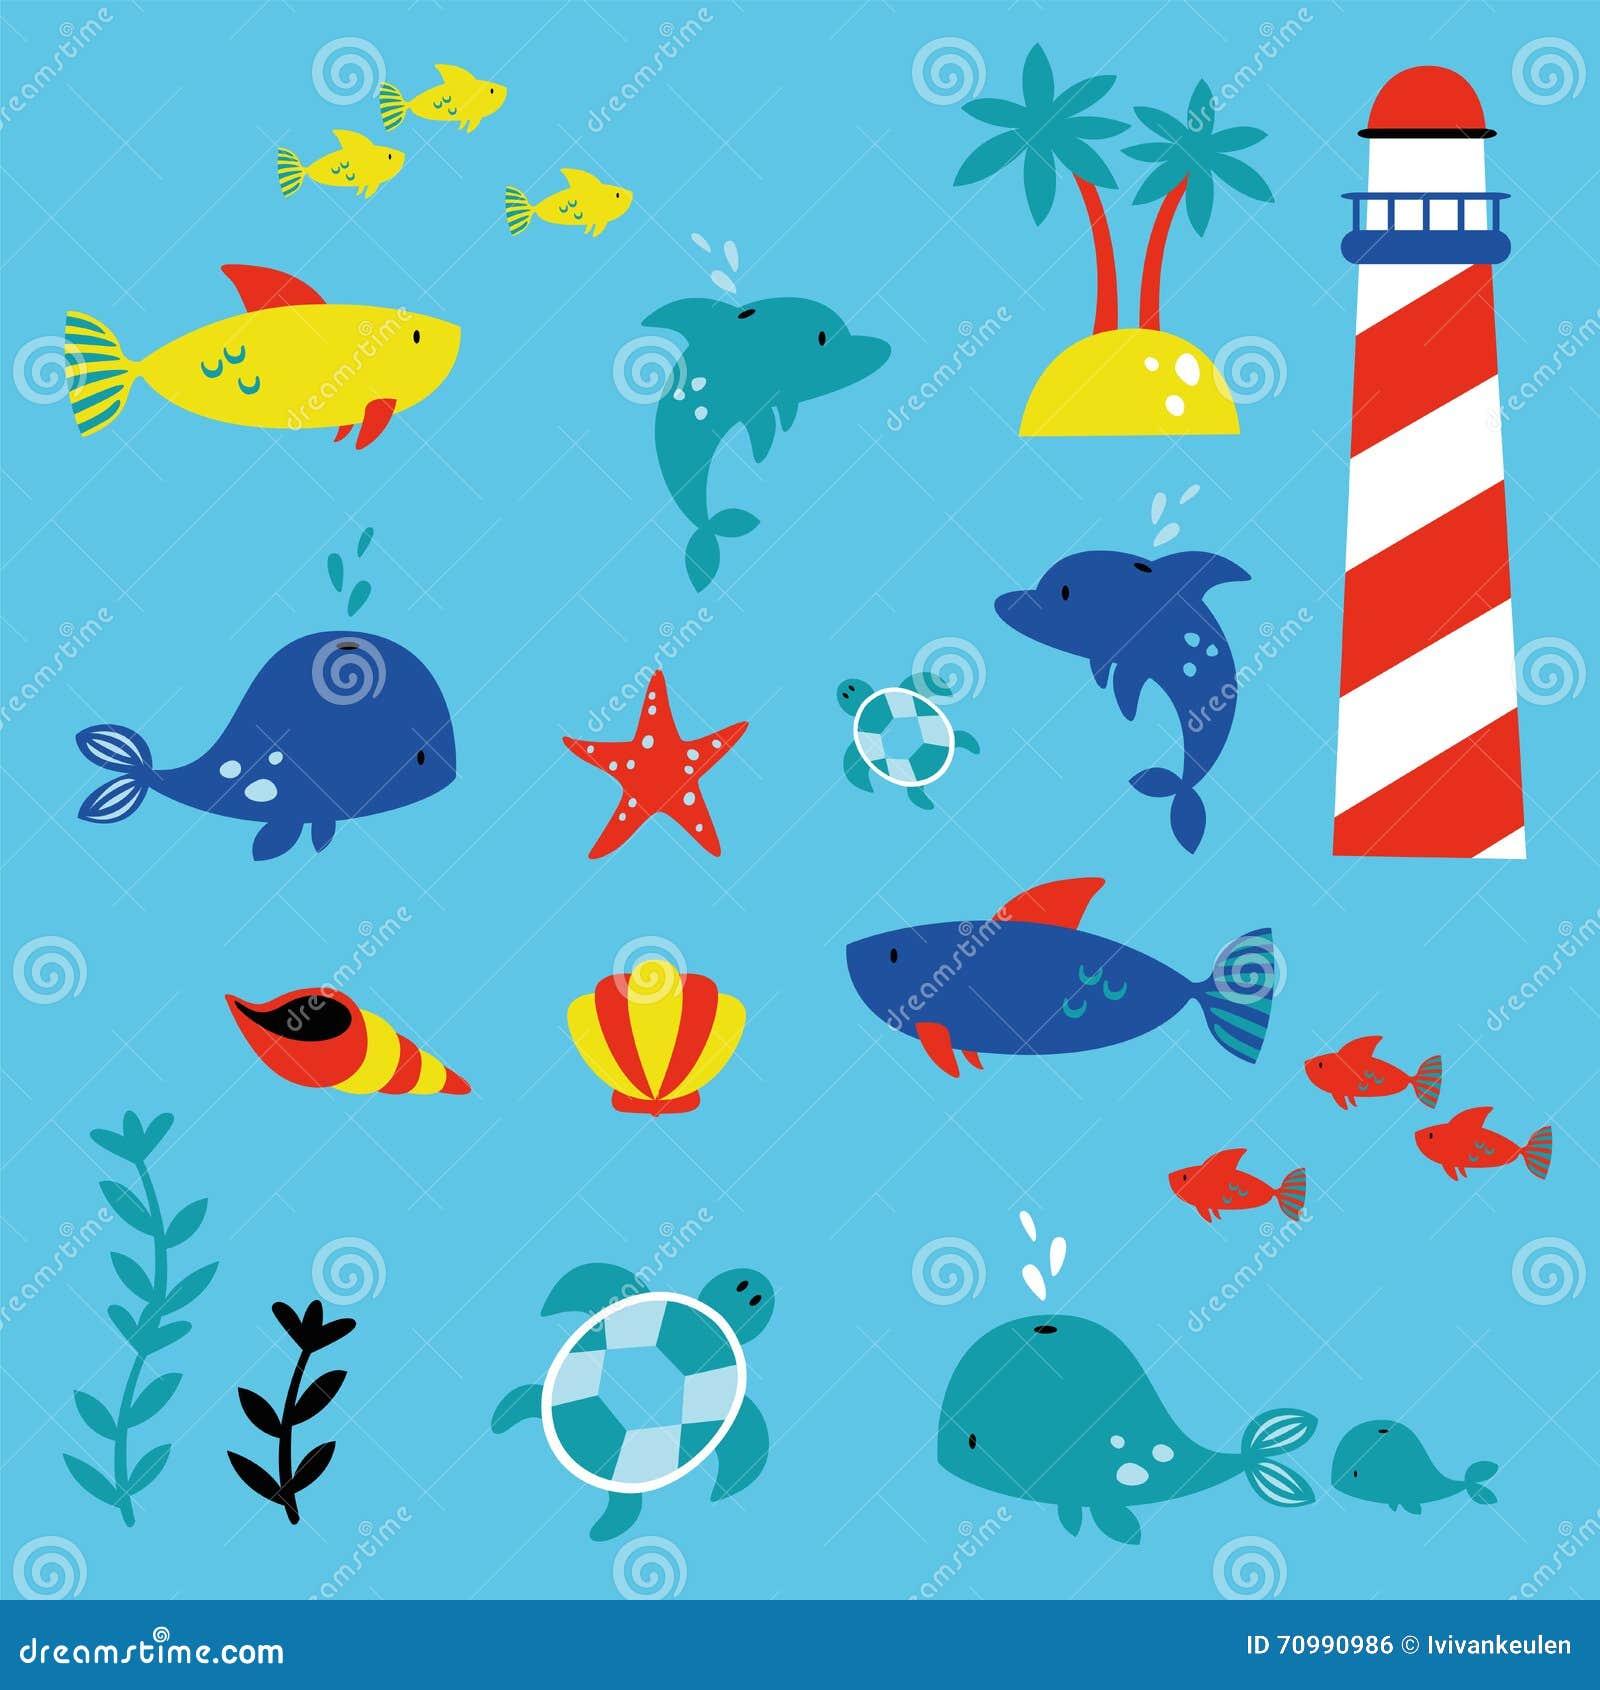 Marinelife children style illustration set